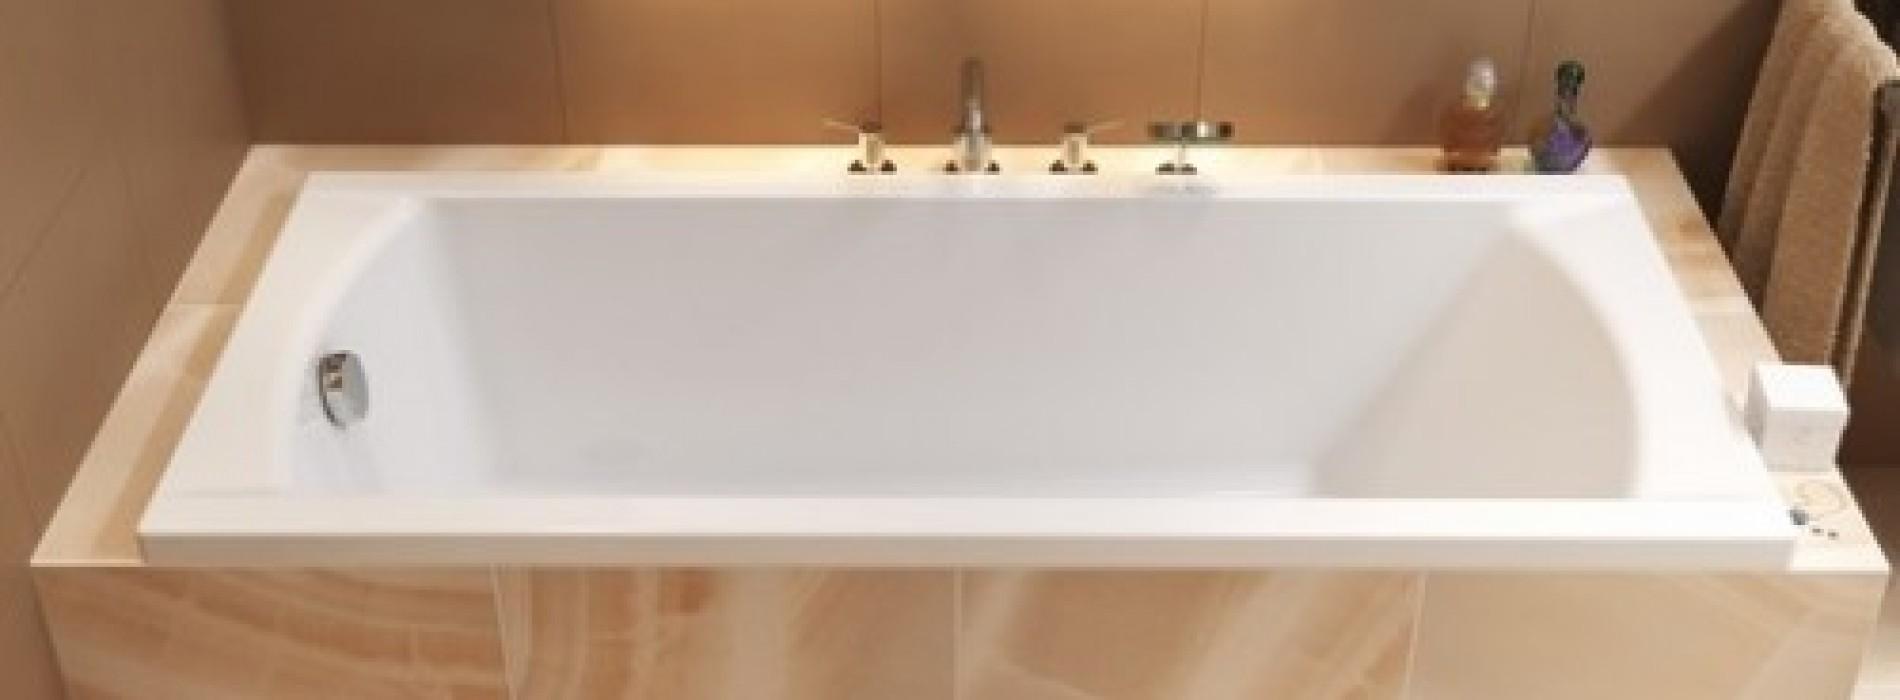 Czy montowanie wanny ma sens w małym mieszkaniu?